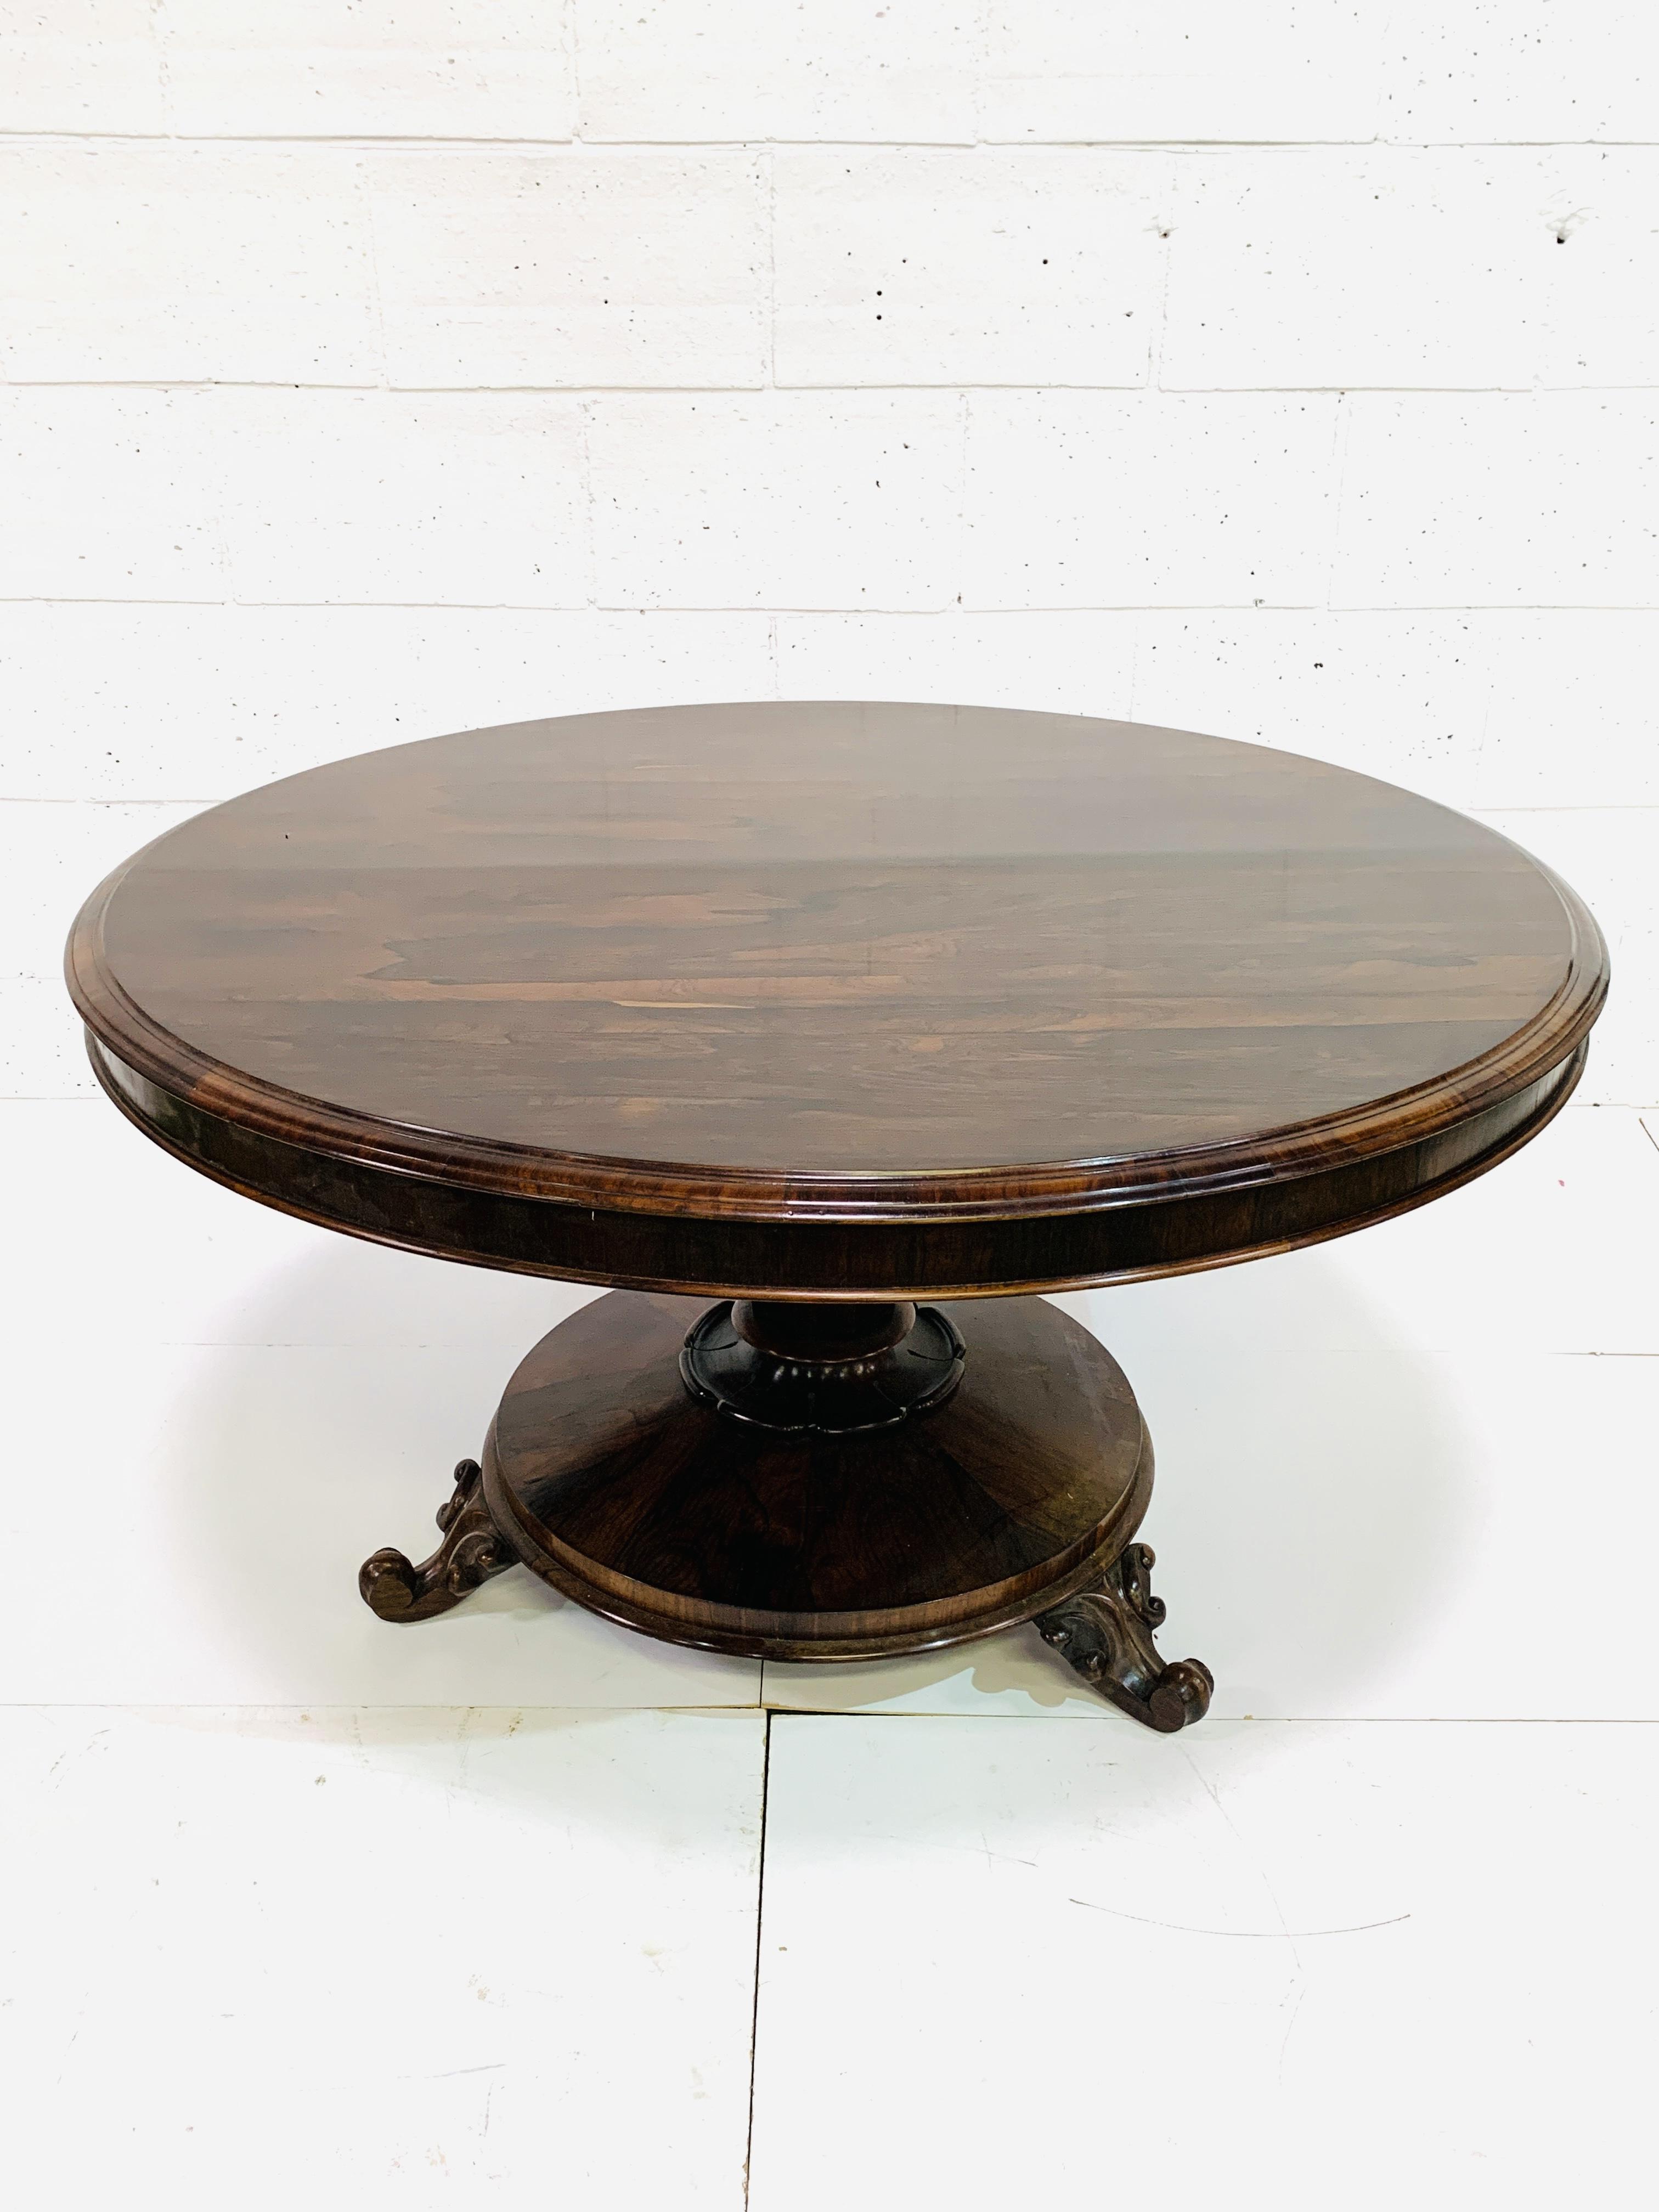 Victorian circular Rosewood tilt top table